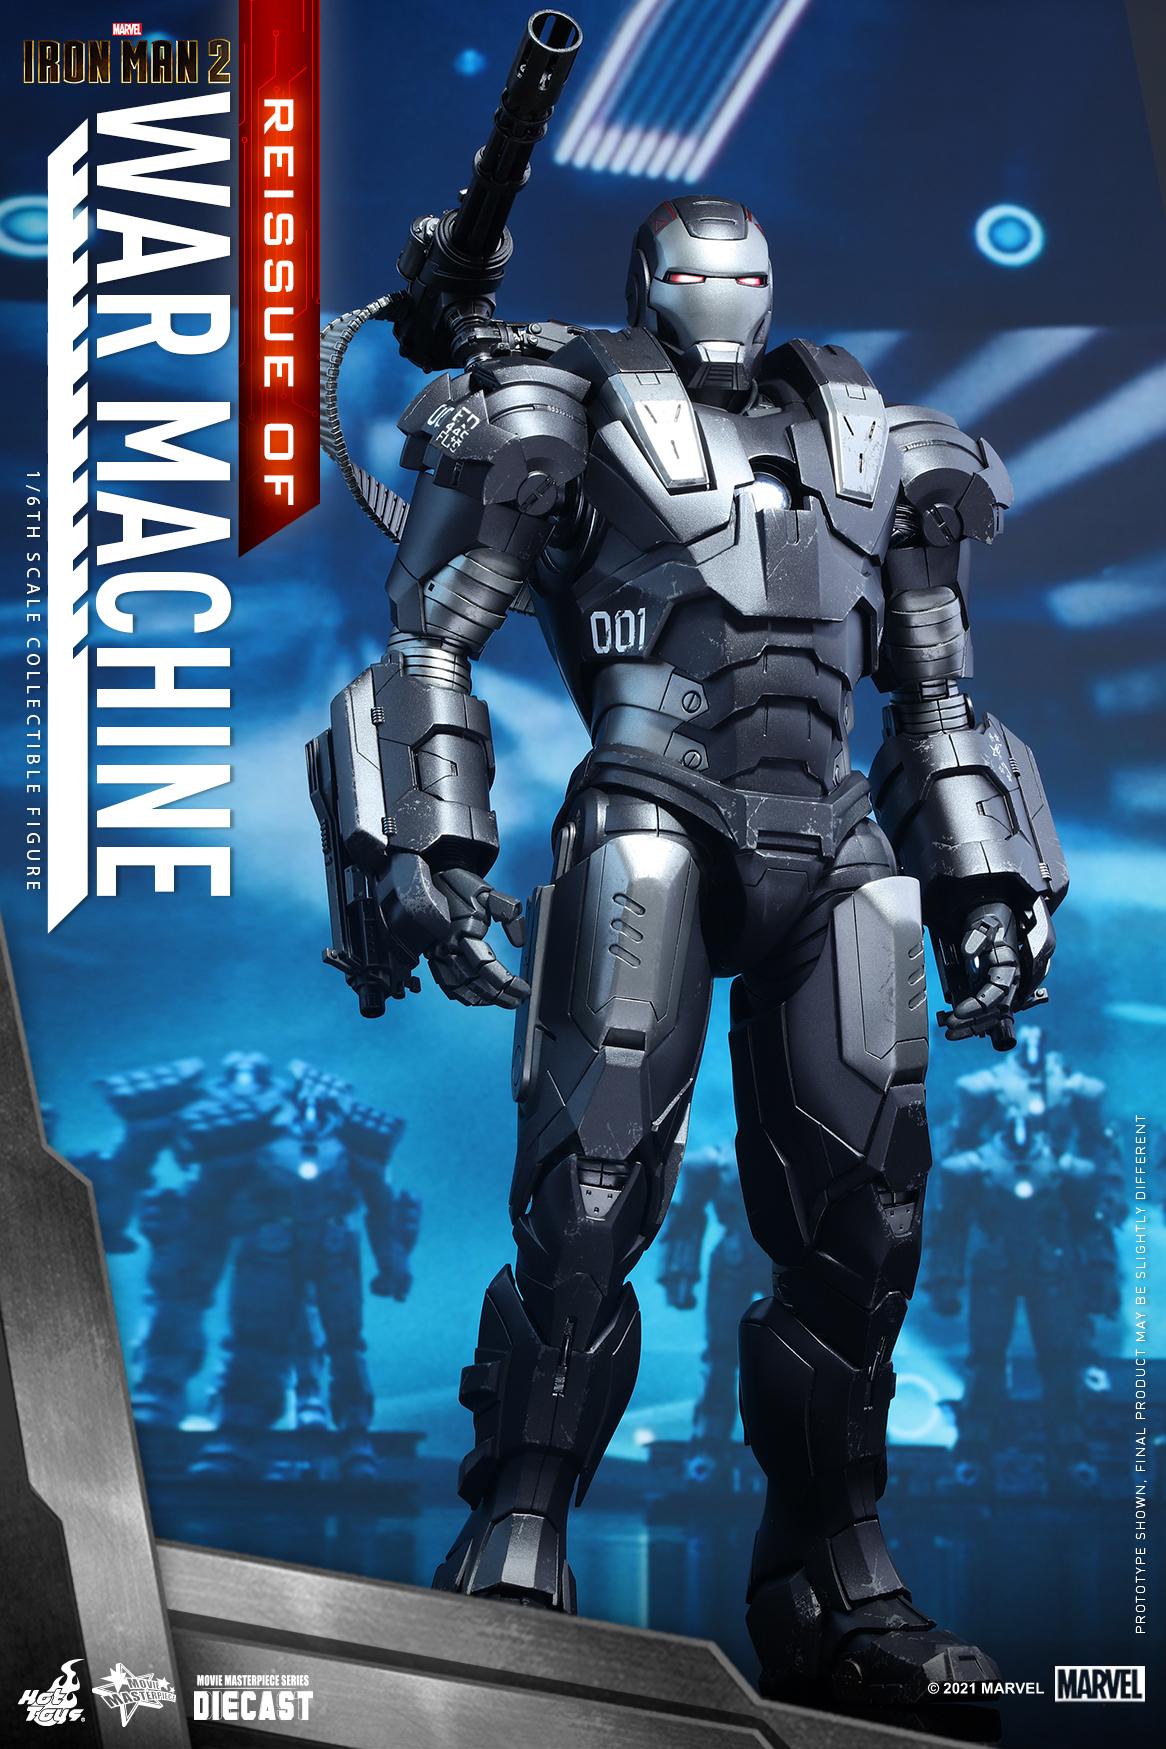 Hot Toys - IM2 - War Machine (Diecast) collectible figure_Re_PR3